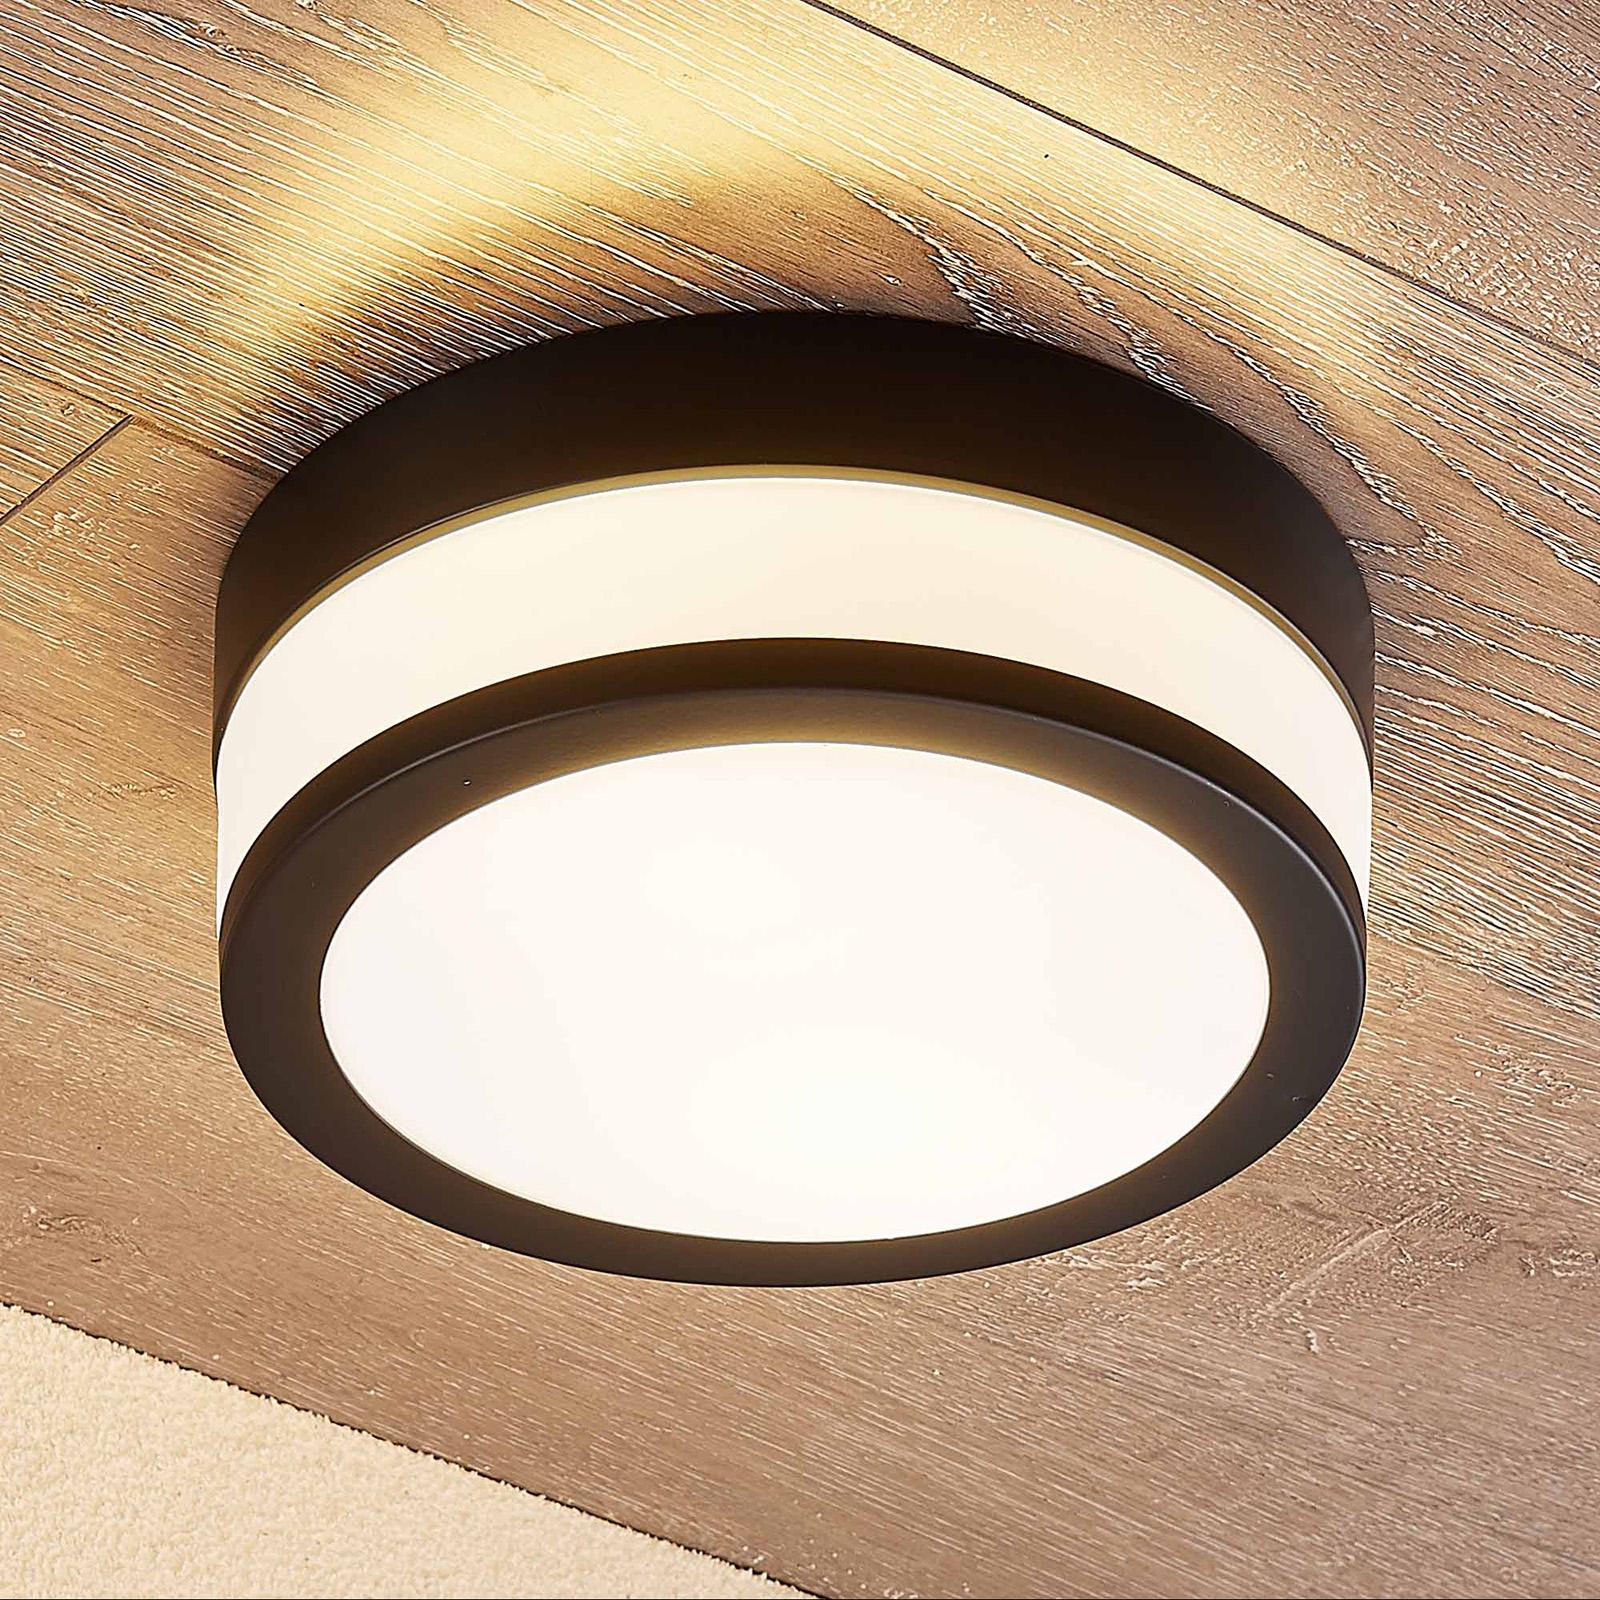 Lindby Flavi Bad-Deckenlampe, Ø 23 cm, schwarz